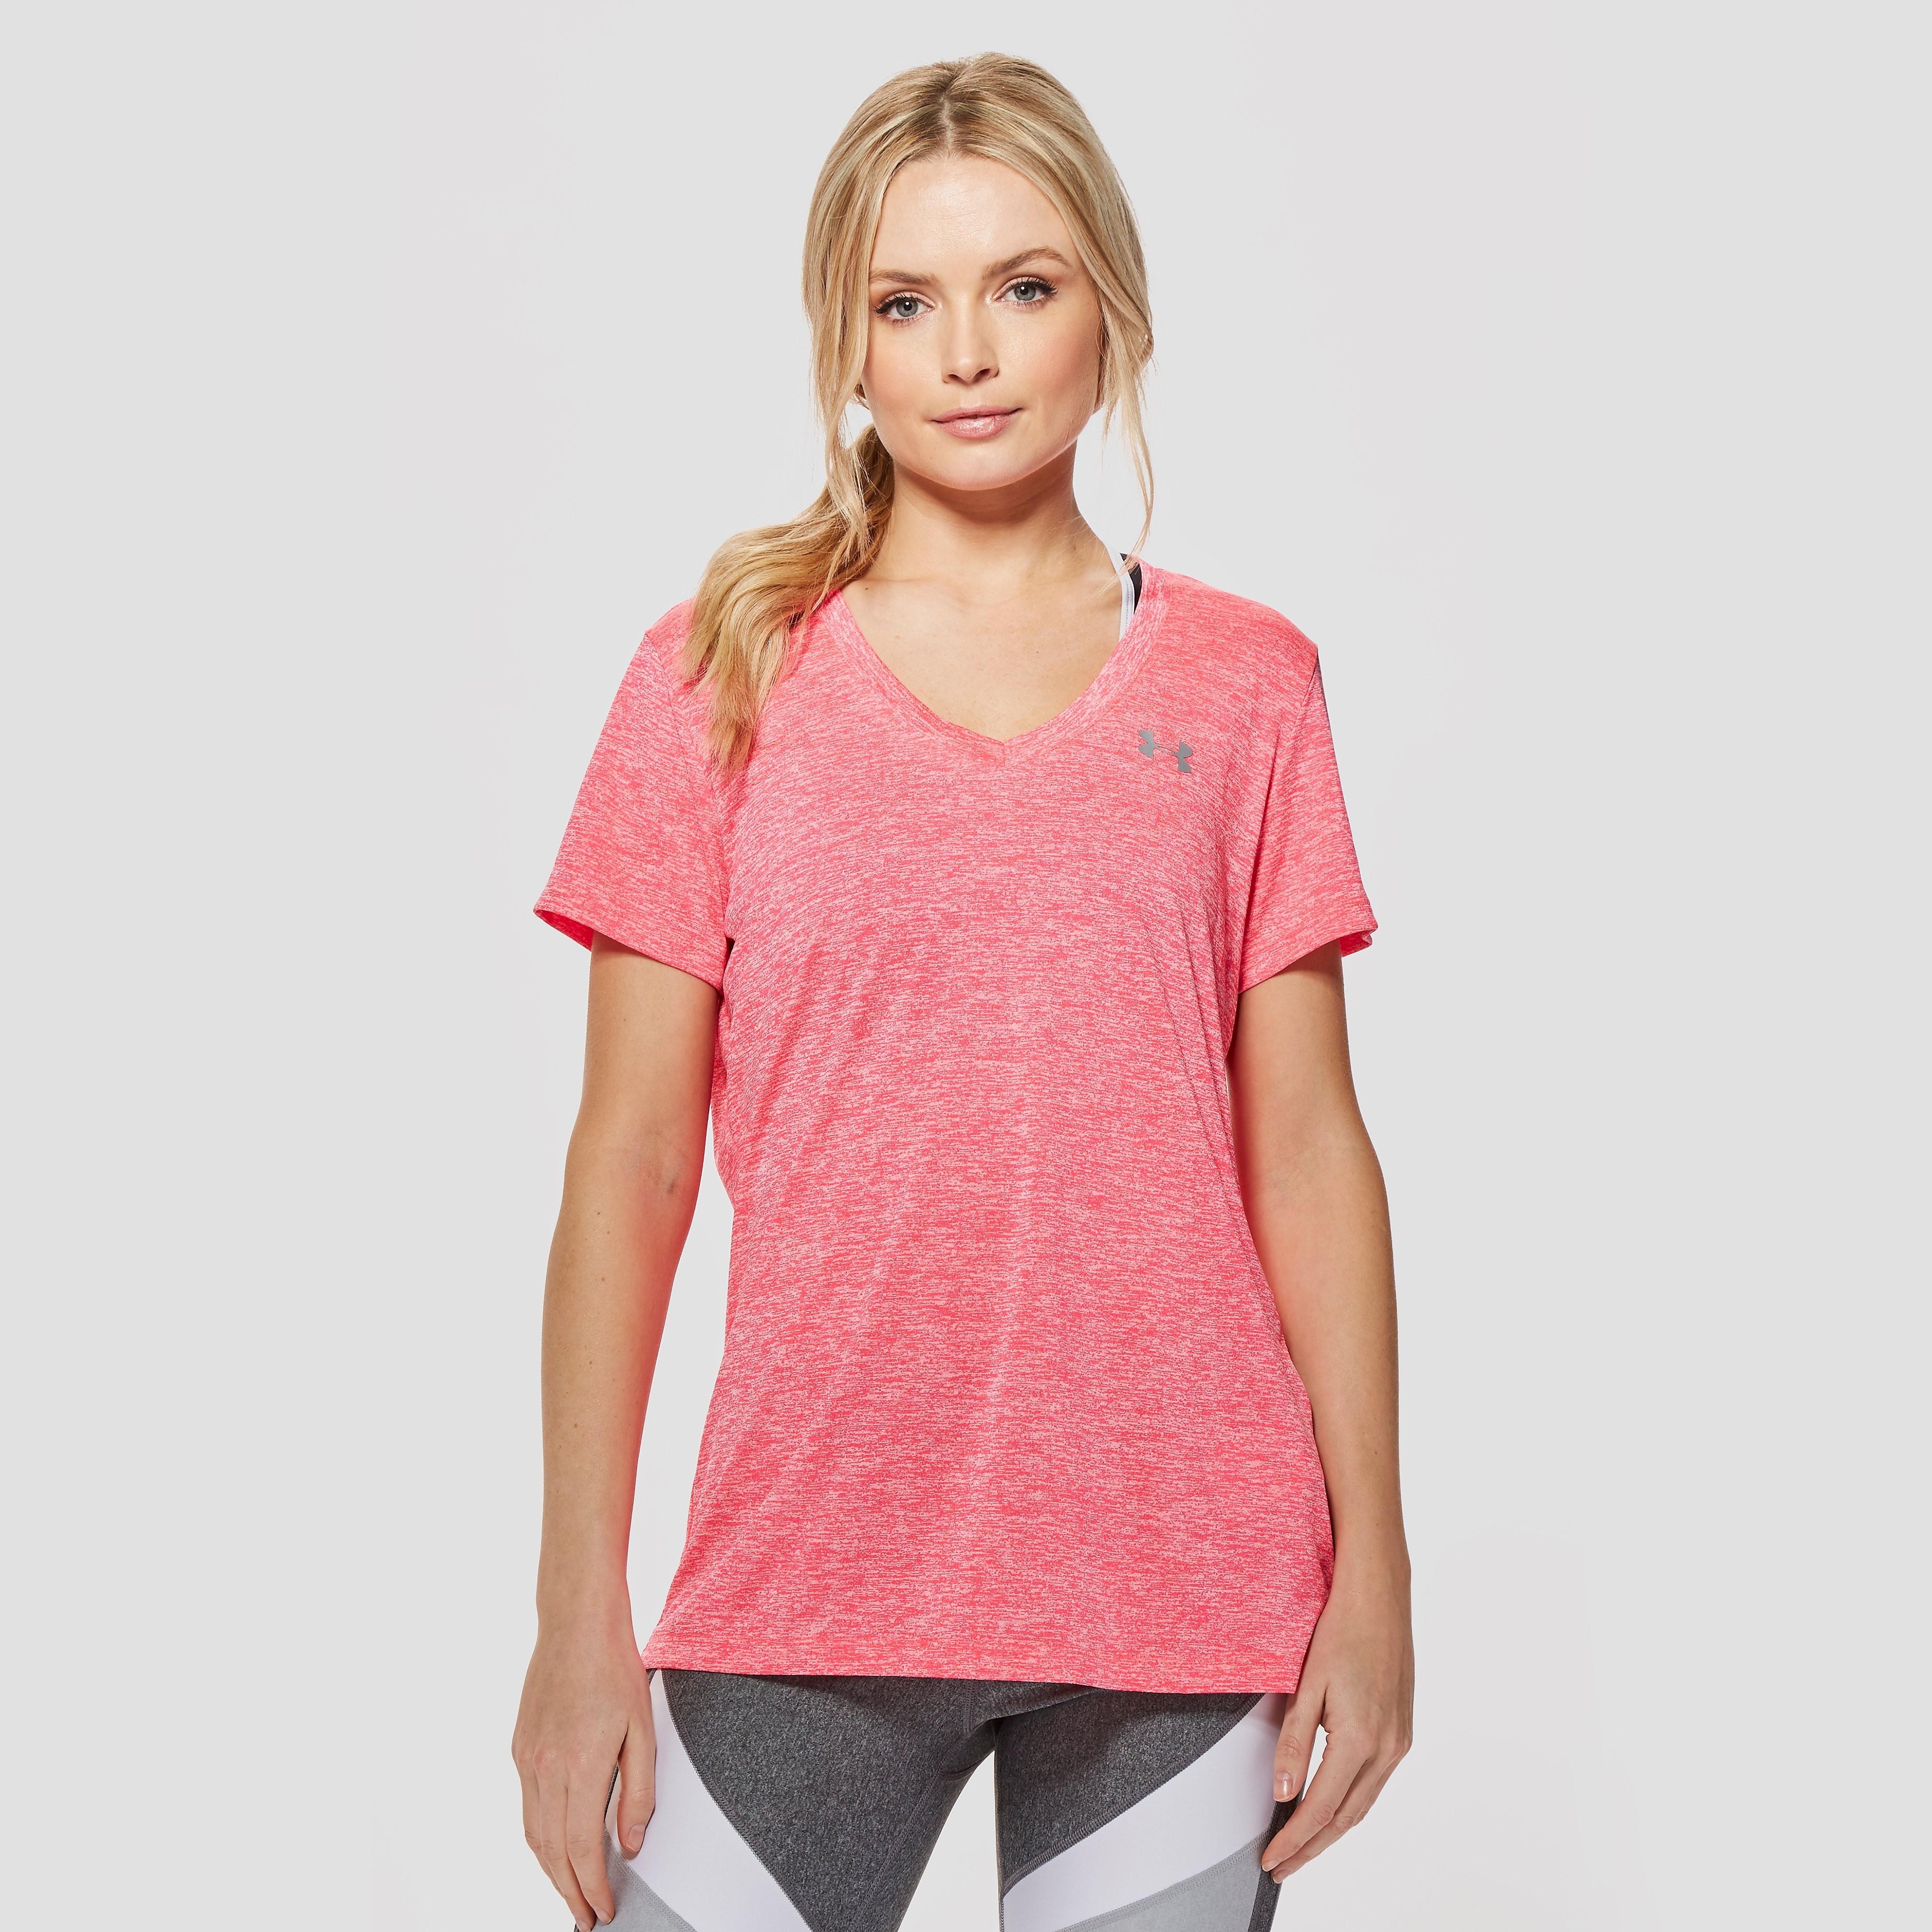 Under Armour Twist Tech V-Neck Women's T-Shirt